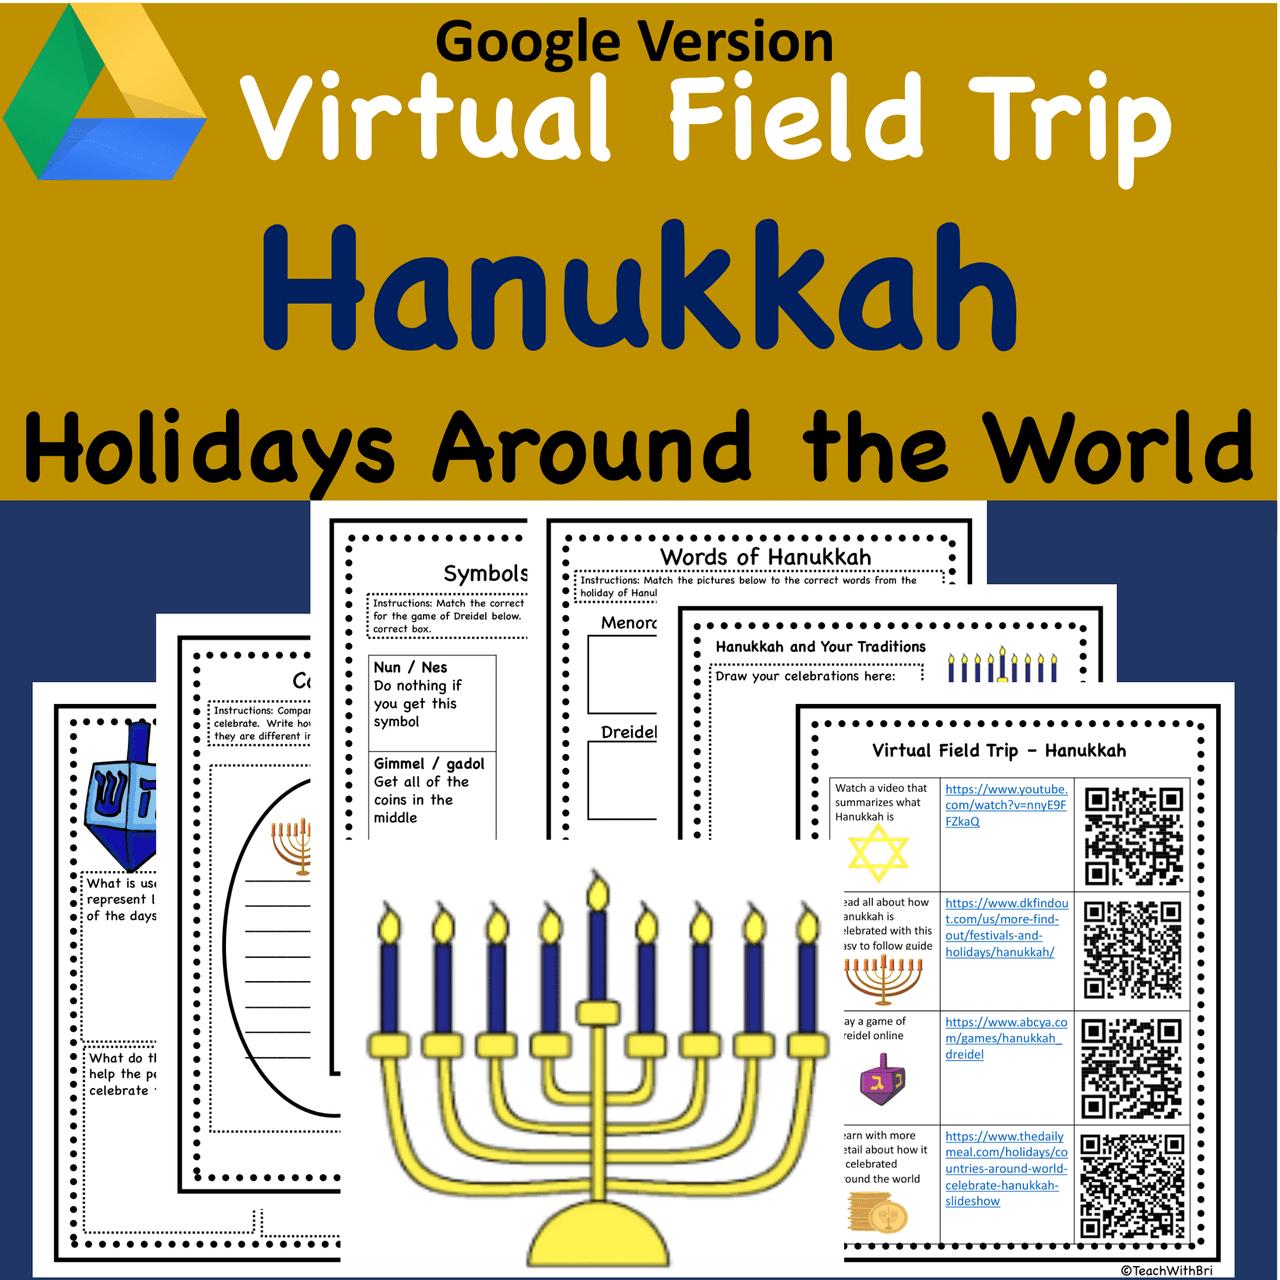 Google Version -  Hanukkah Virtual Field Trip -  Holidays Around the World